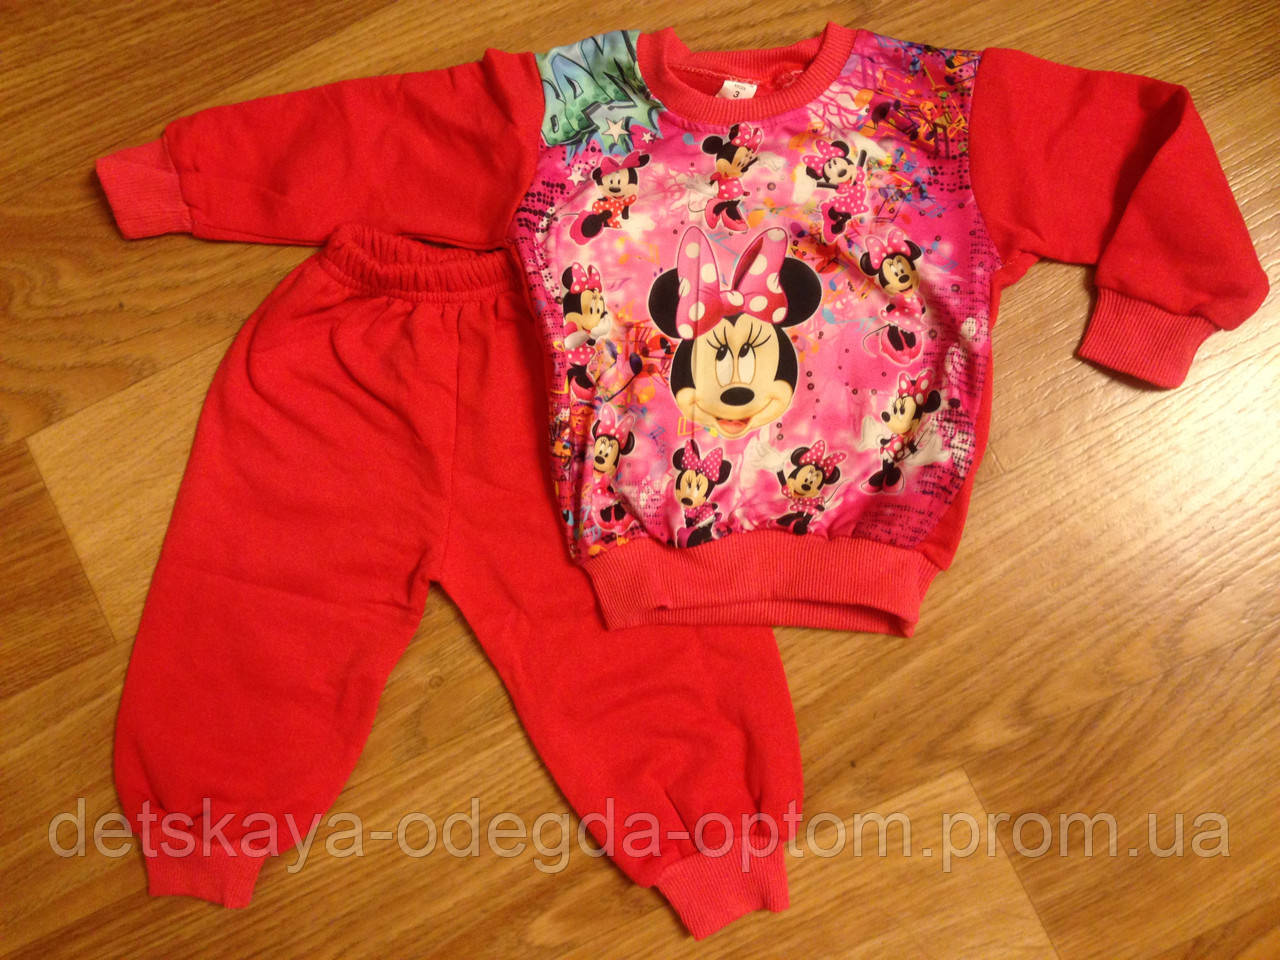 Турецкая Одежда Для Детей Оптом